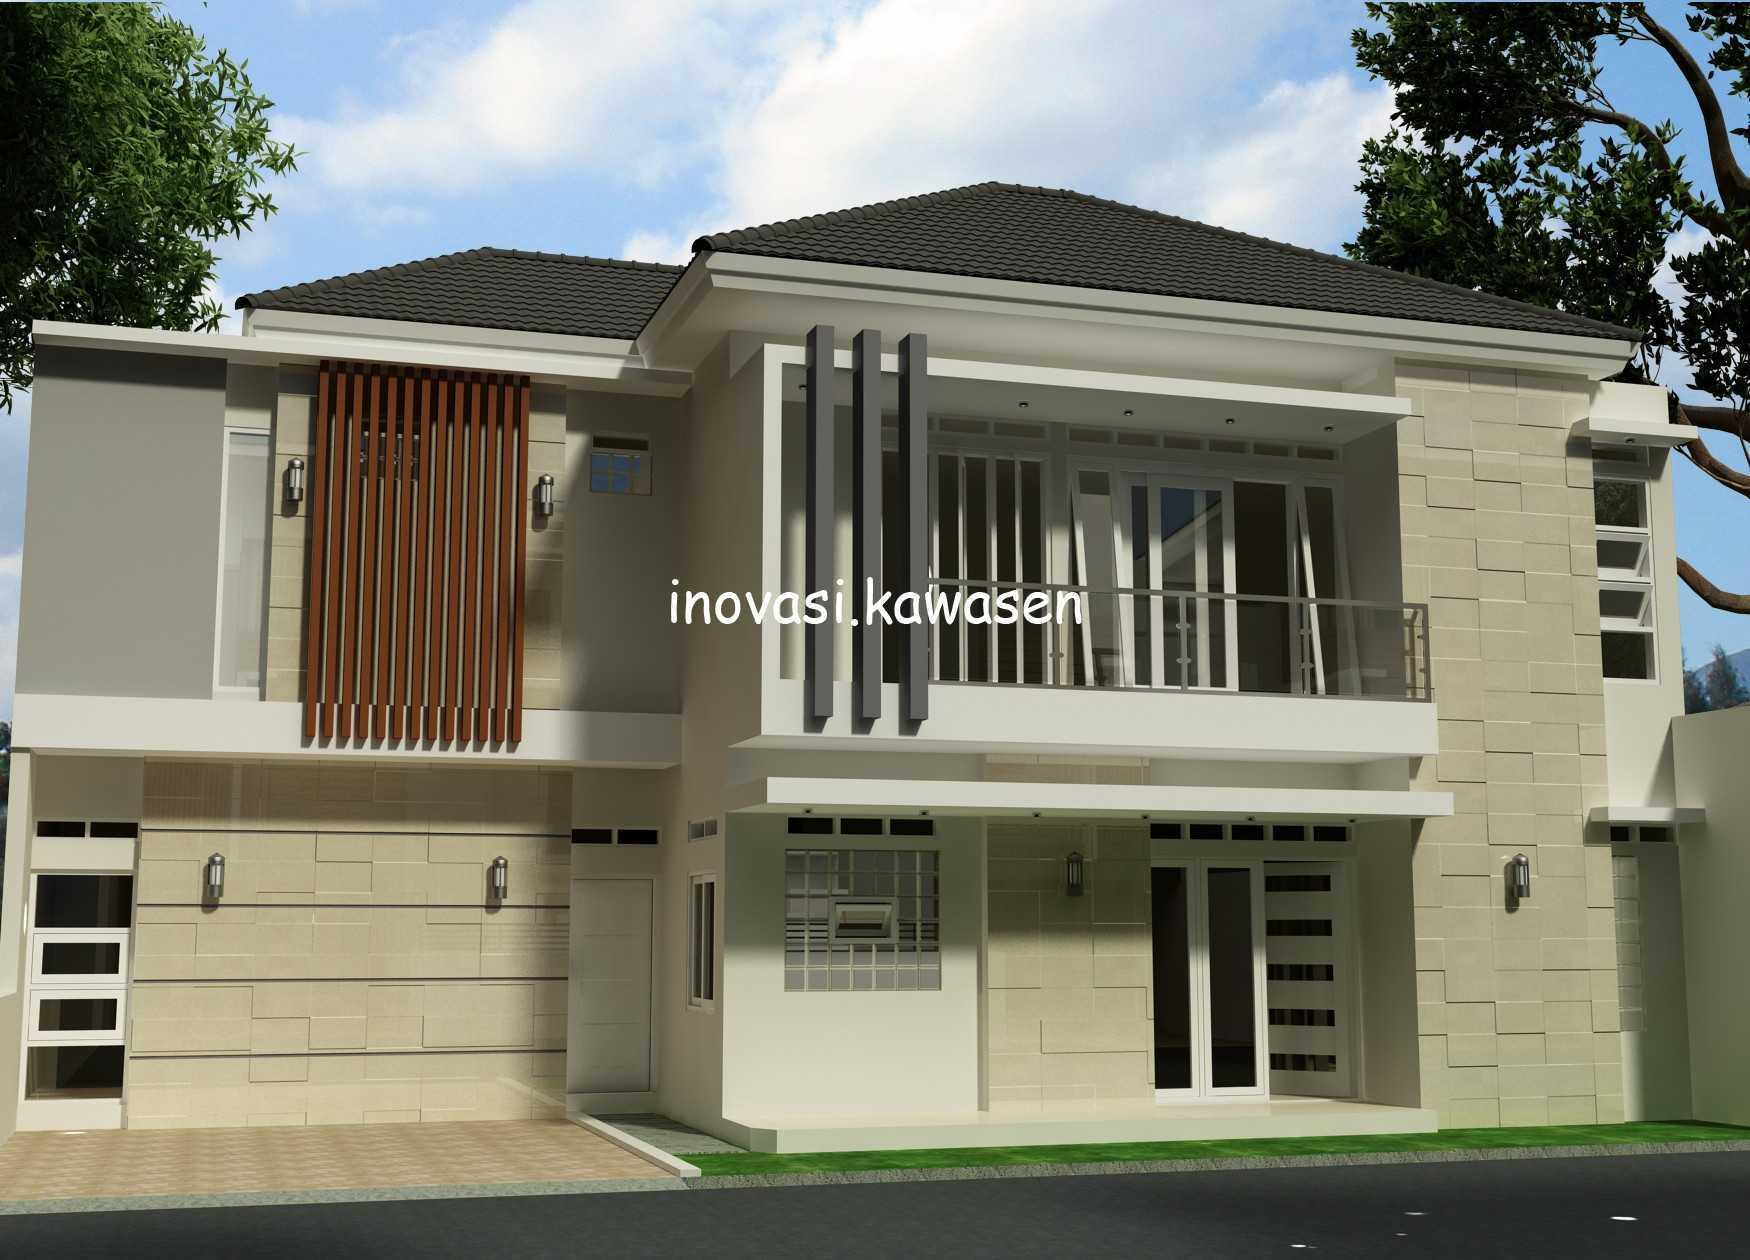 Jasa Arsitek inovasi kawasen di Surabaya